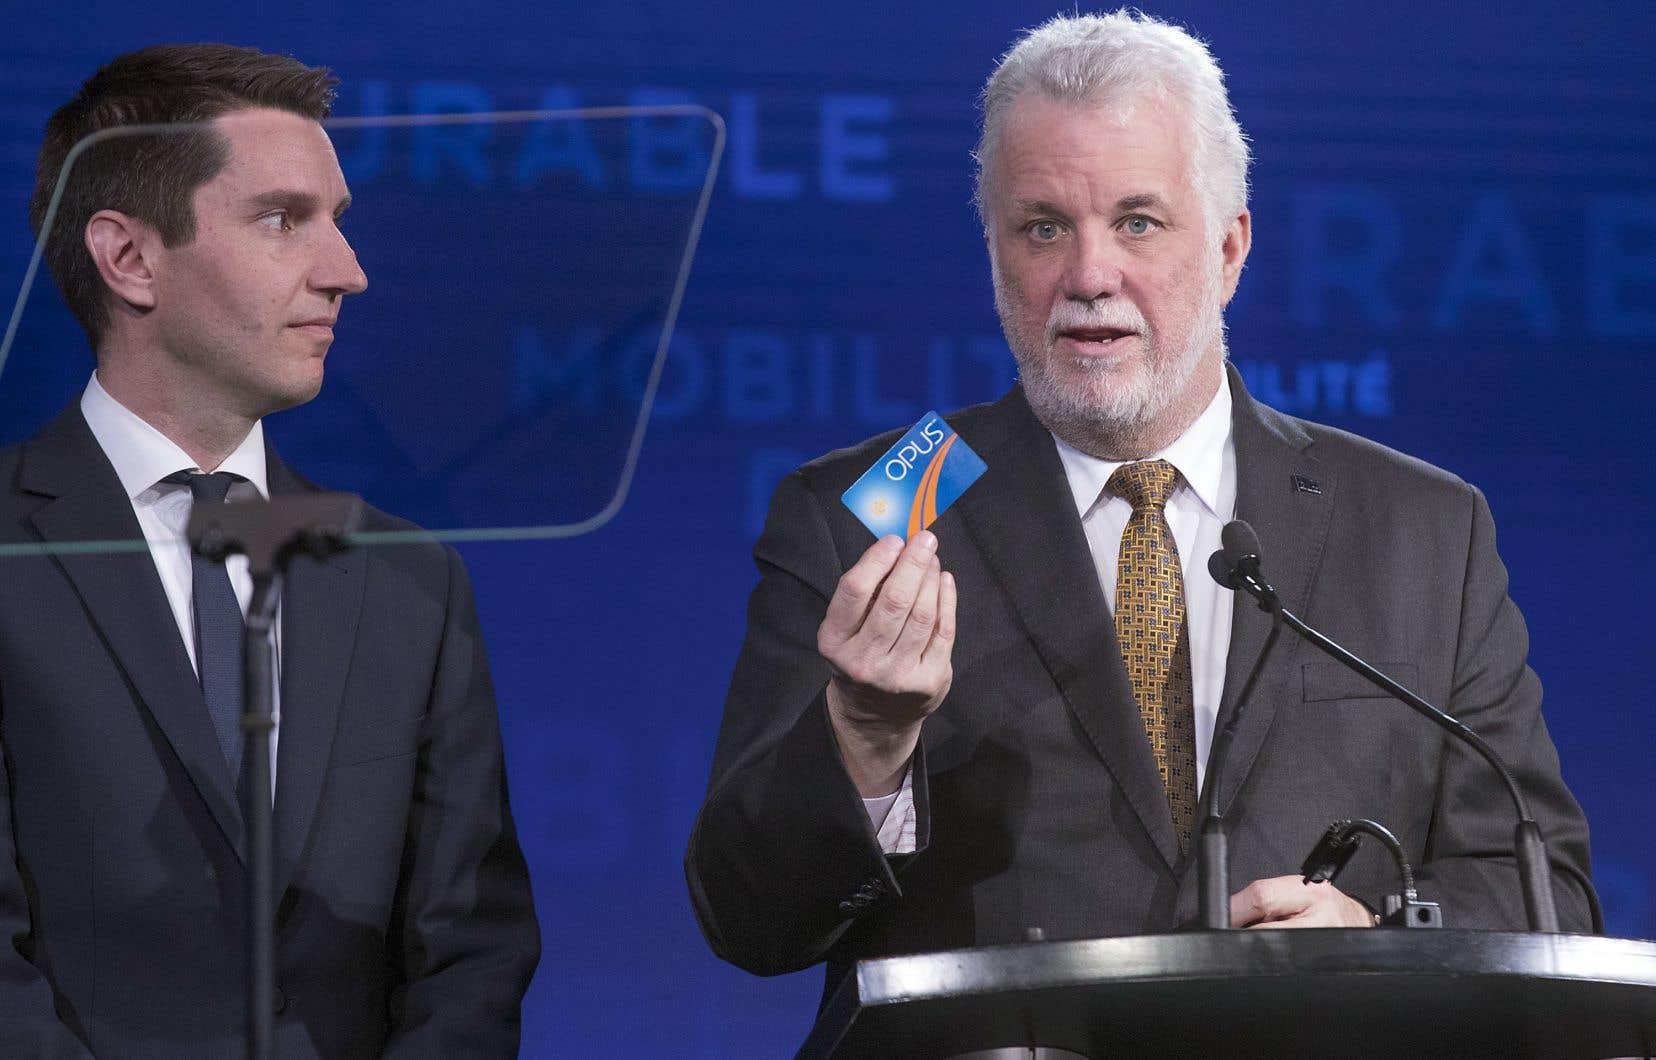 Accompagné de son ministre des Transports, André Fortin, le premier ministre Philippe Couillard a levé le voile sur la Politique de mobilité durable de son gouvernement pour les prochaines années.